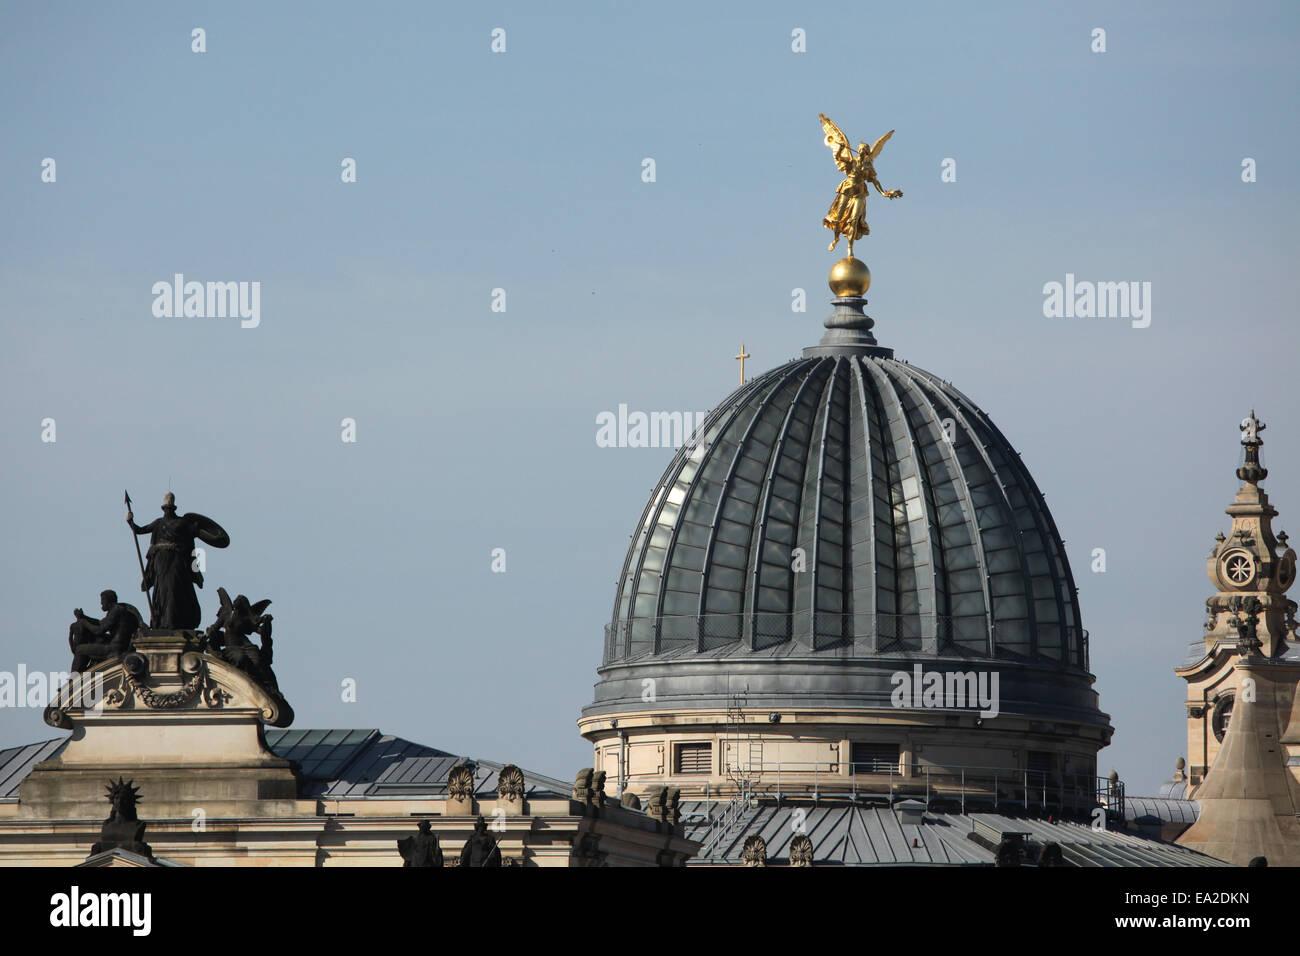 Kuppel der Akademie der bildenden Künste in Dresden, Sachsen, Deutschland. Stockbild